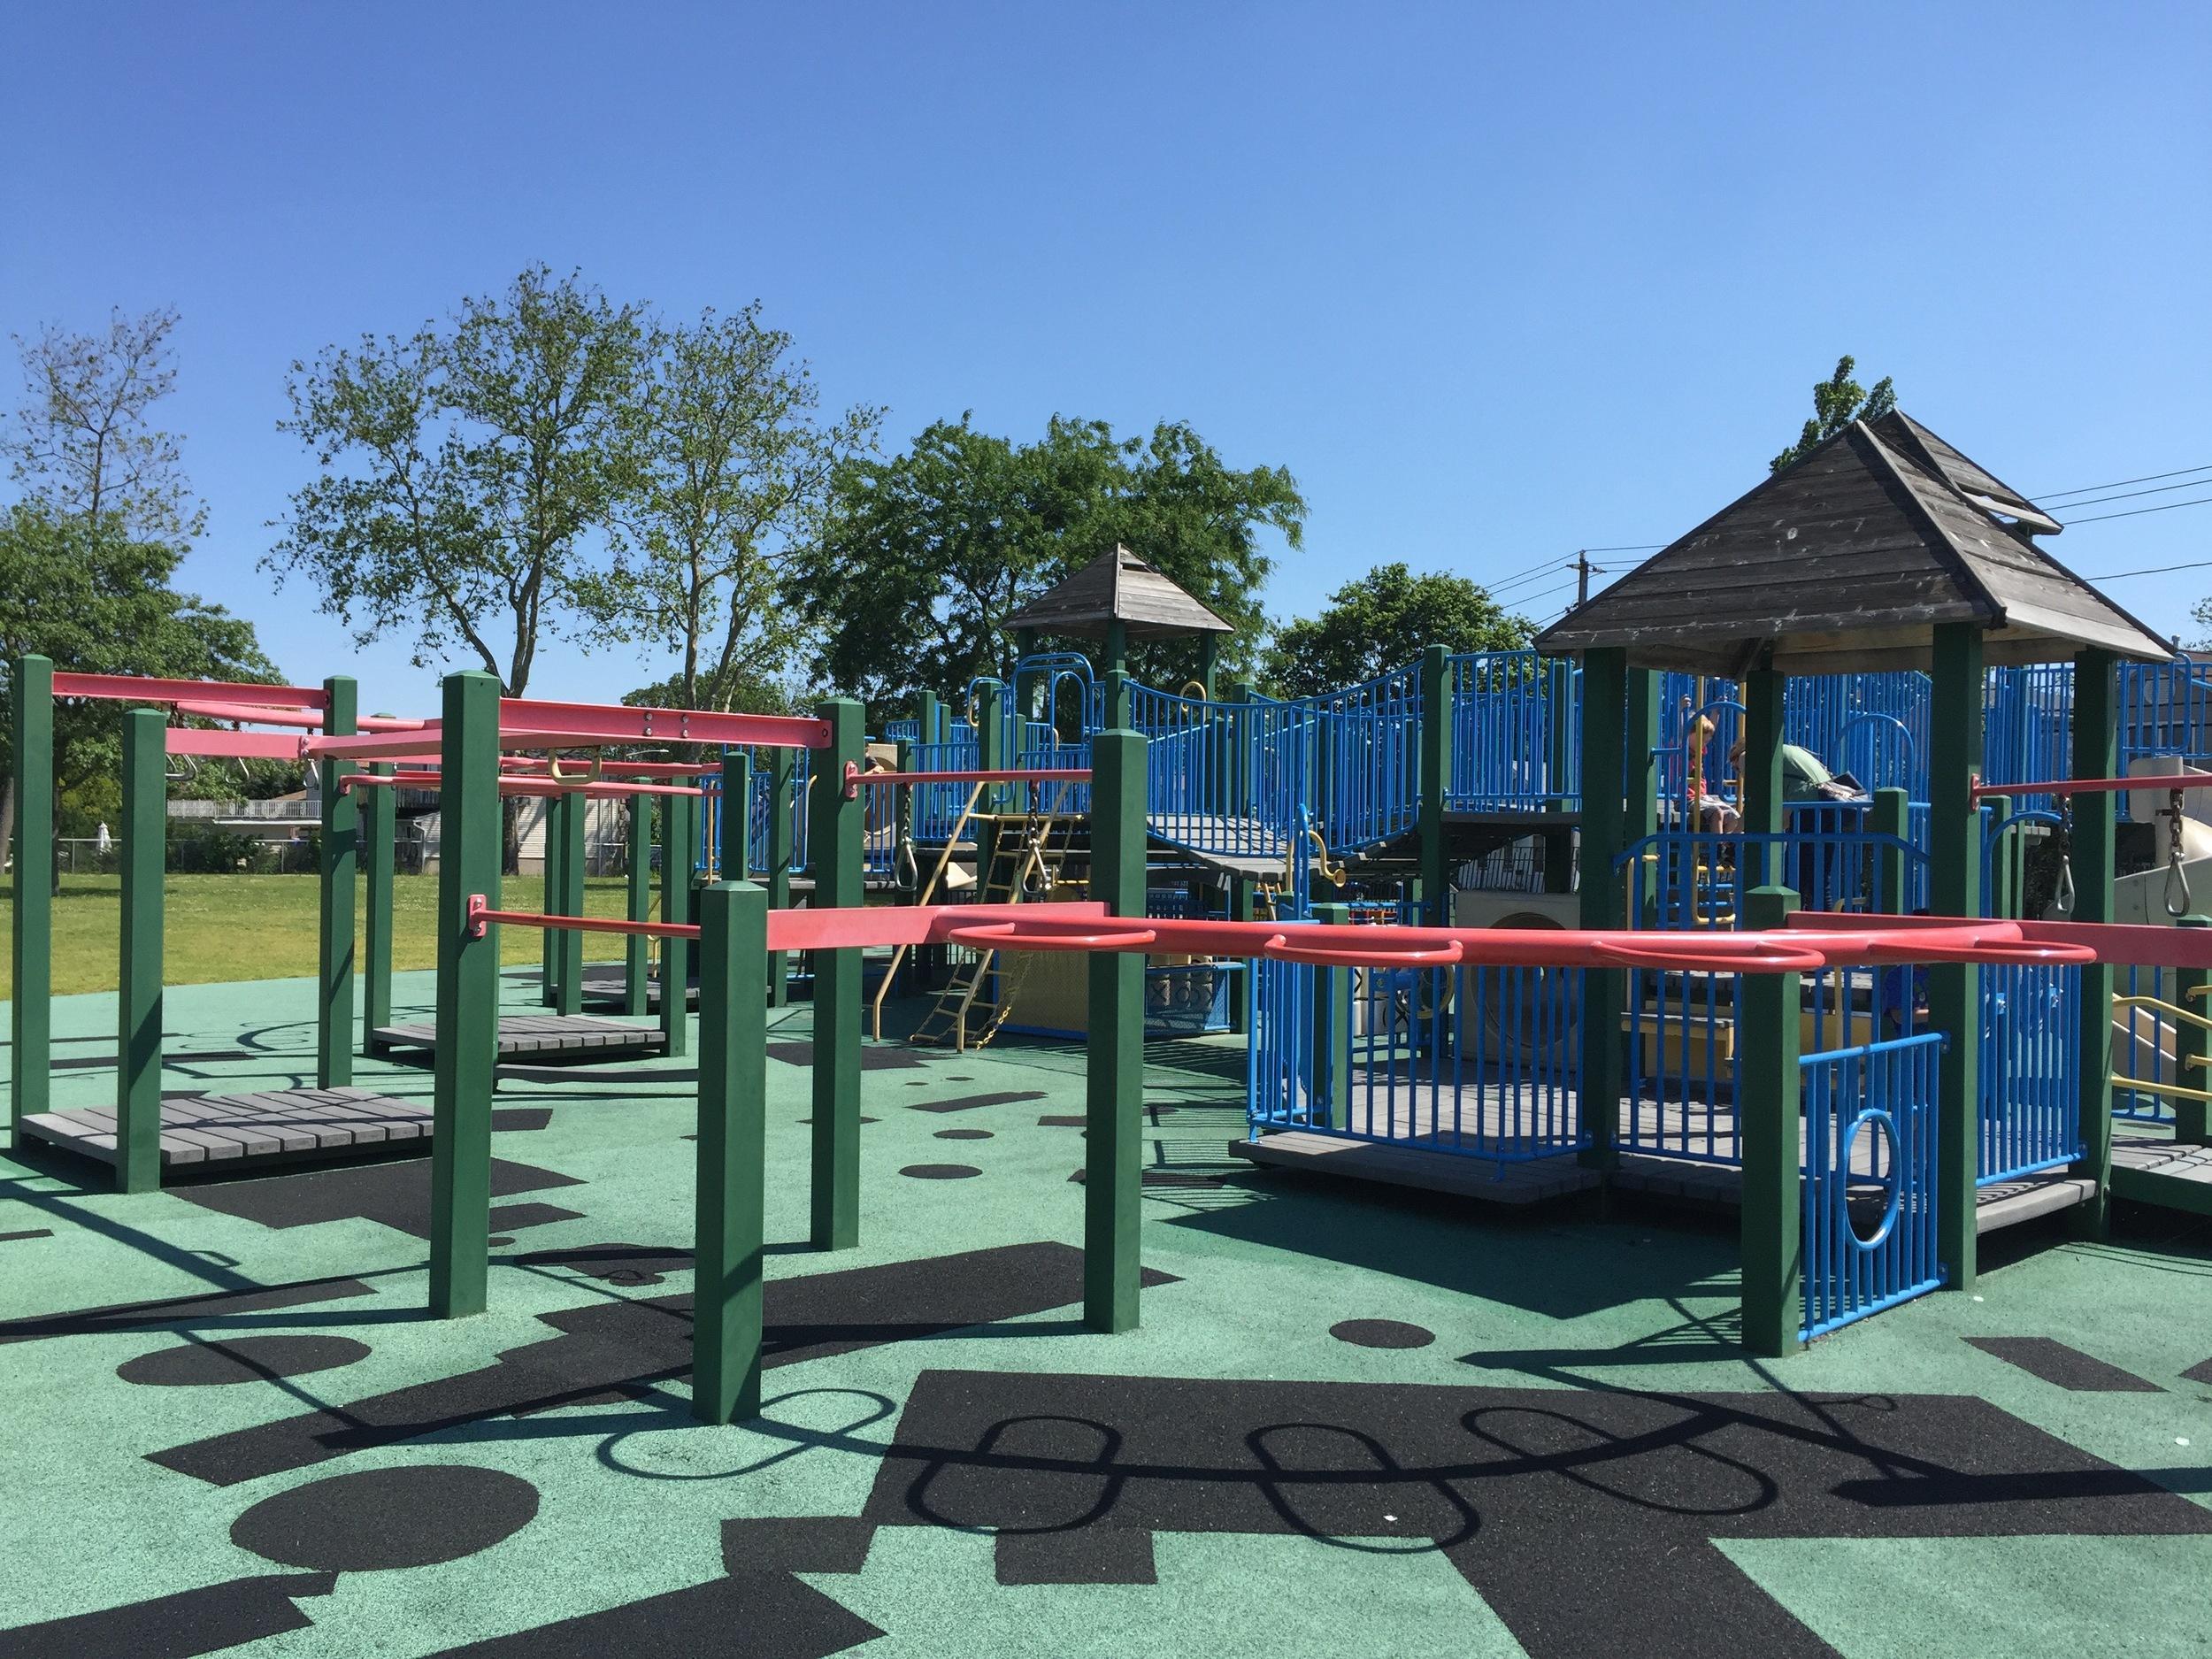 Playground at Newbridge Playground